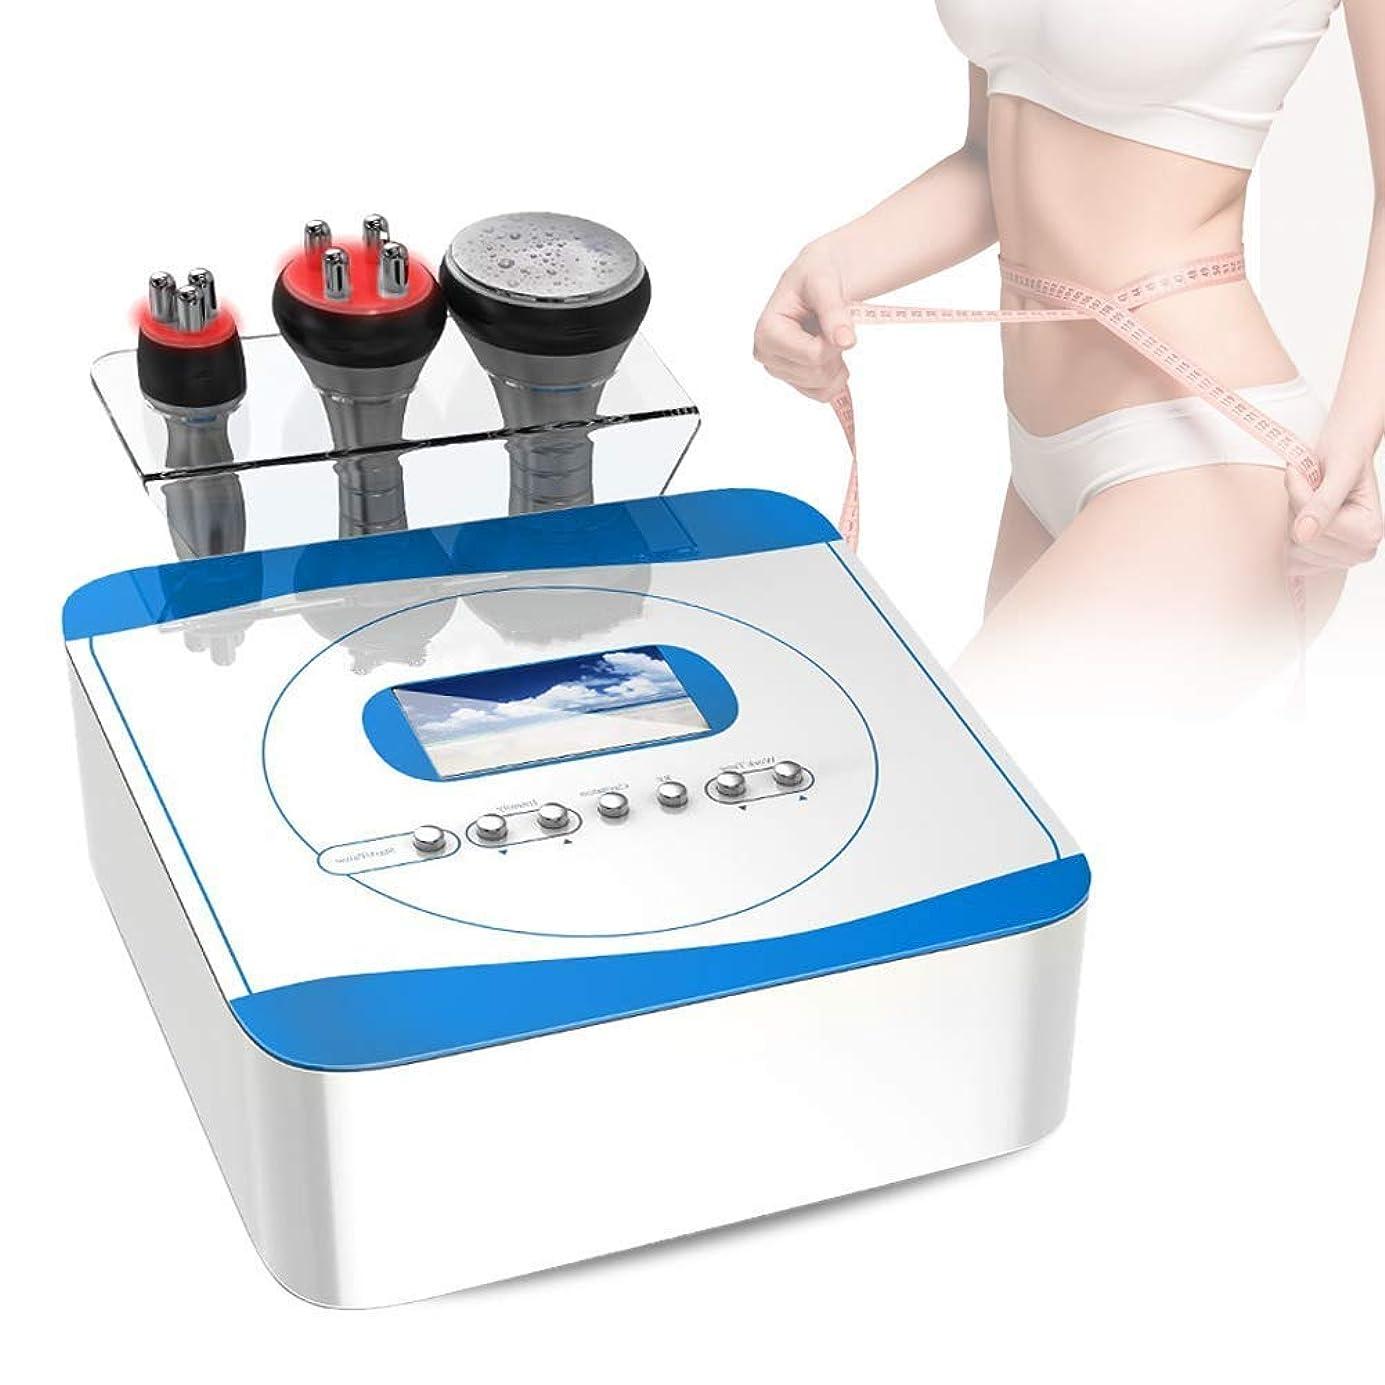 ウミウシ放棄するスカリー1に付きボディシェーピングマッサージ機、ボディ痩身マシン、スリムマシンを締める腹部脂肪除去スキン、ボディマッサージスキンリフティングビューティーマシン、ウエストアームベリーレッグスキン用 (Edition : US PLUG)